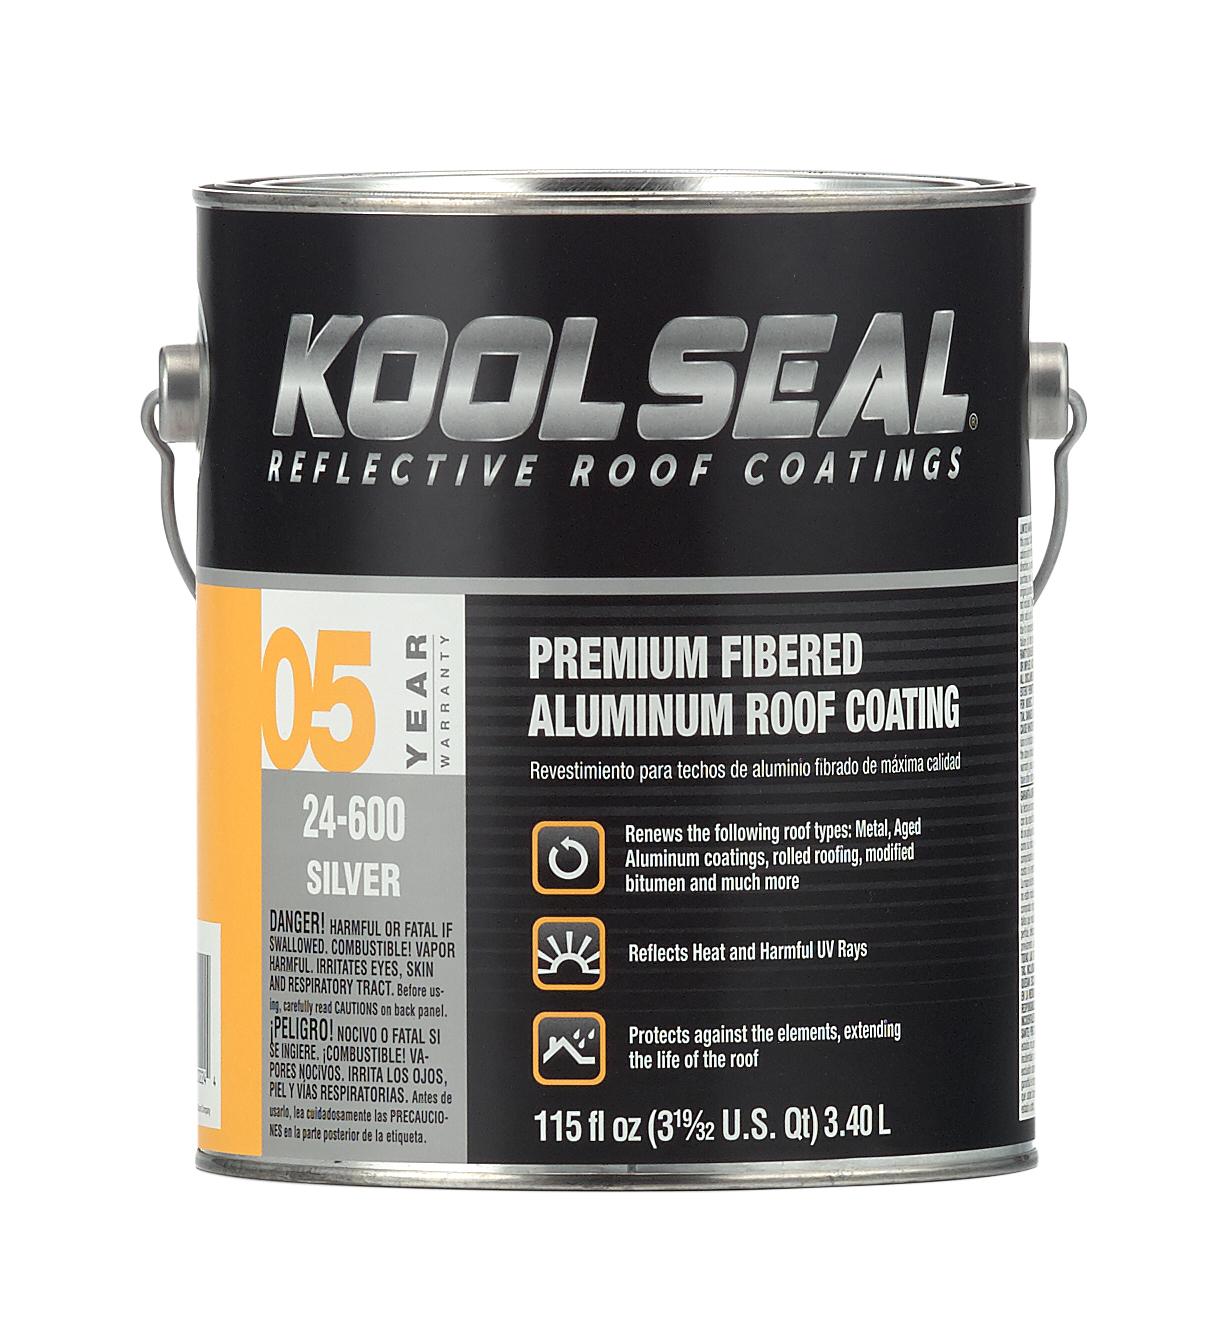 Premium Fibered Aluminum Roof Coating Koolseal